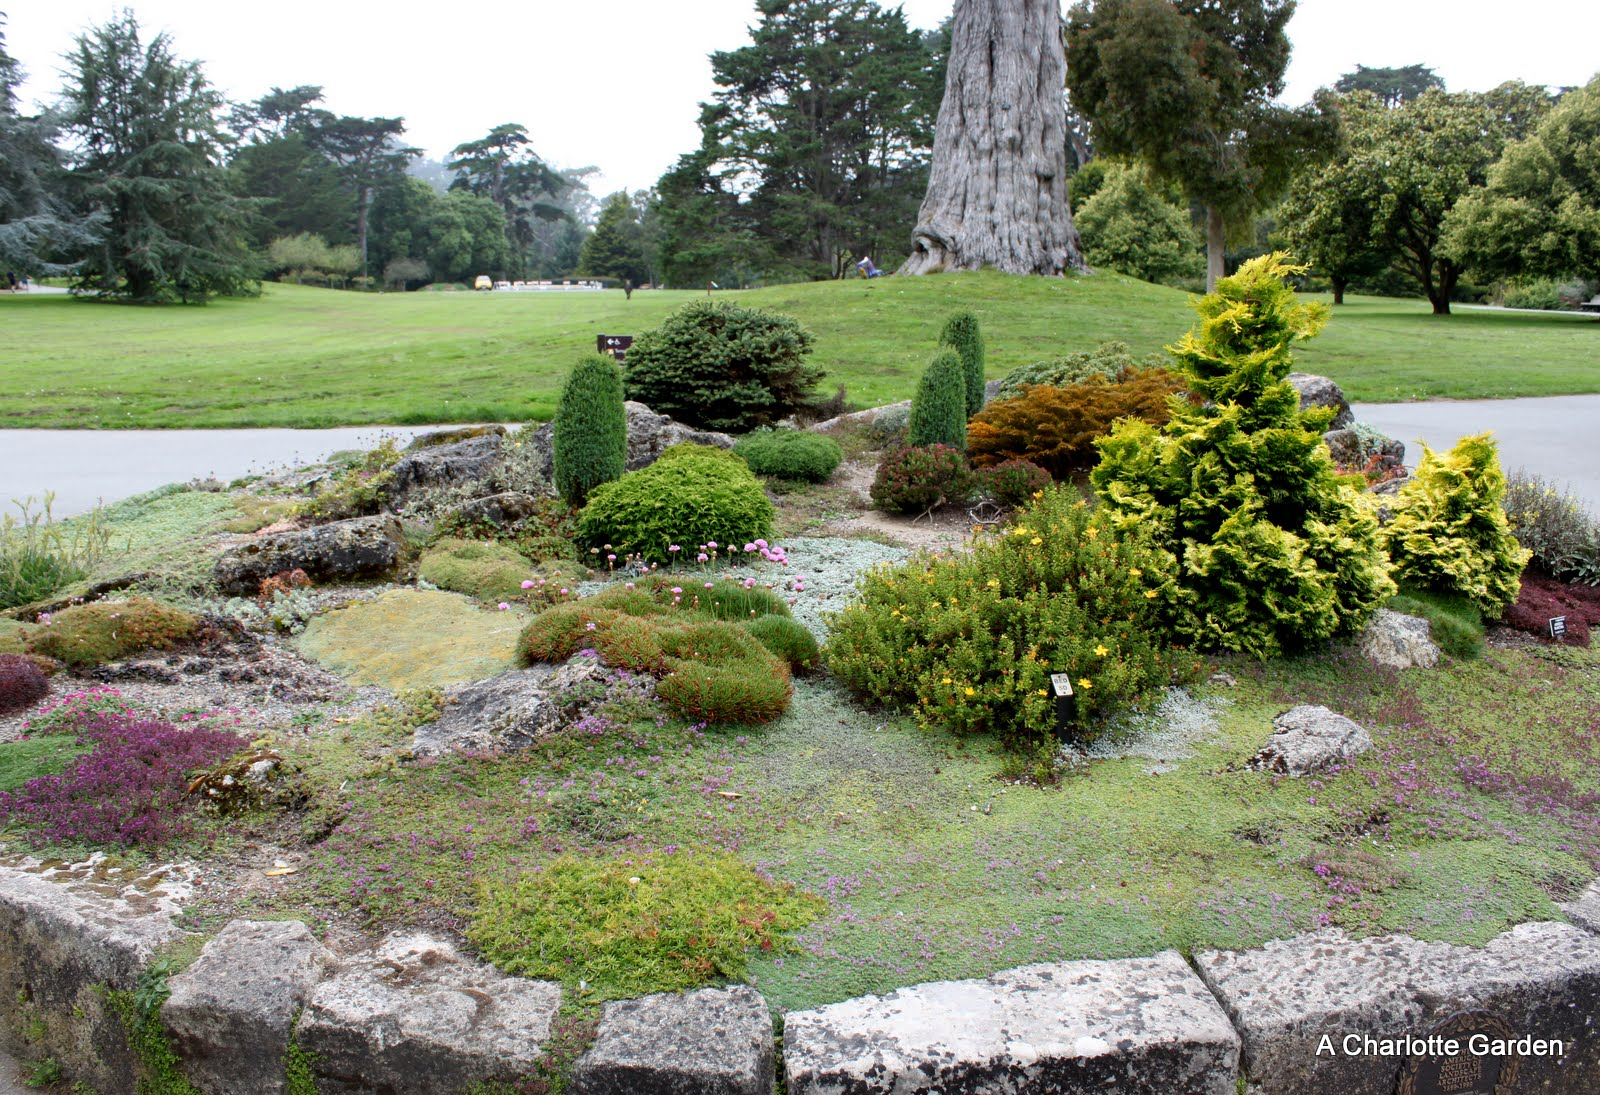 A Charlotte Garden Rock Garden At The San Francisco